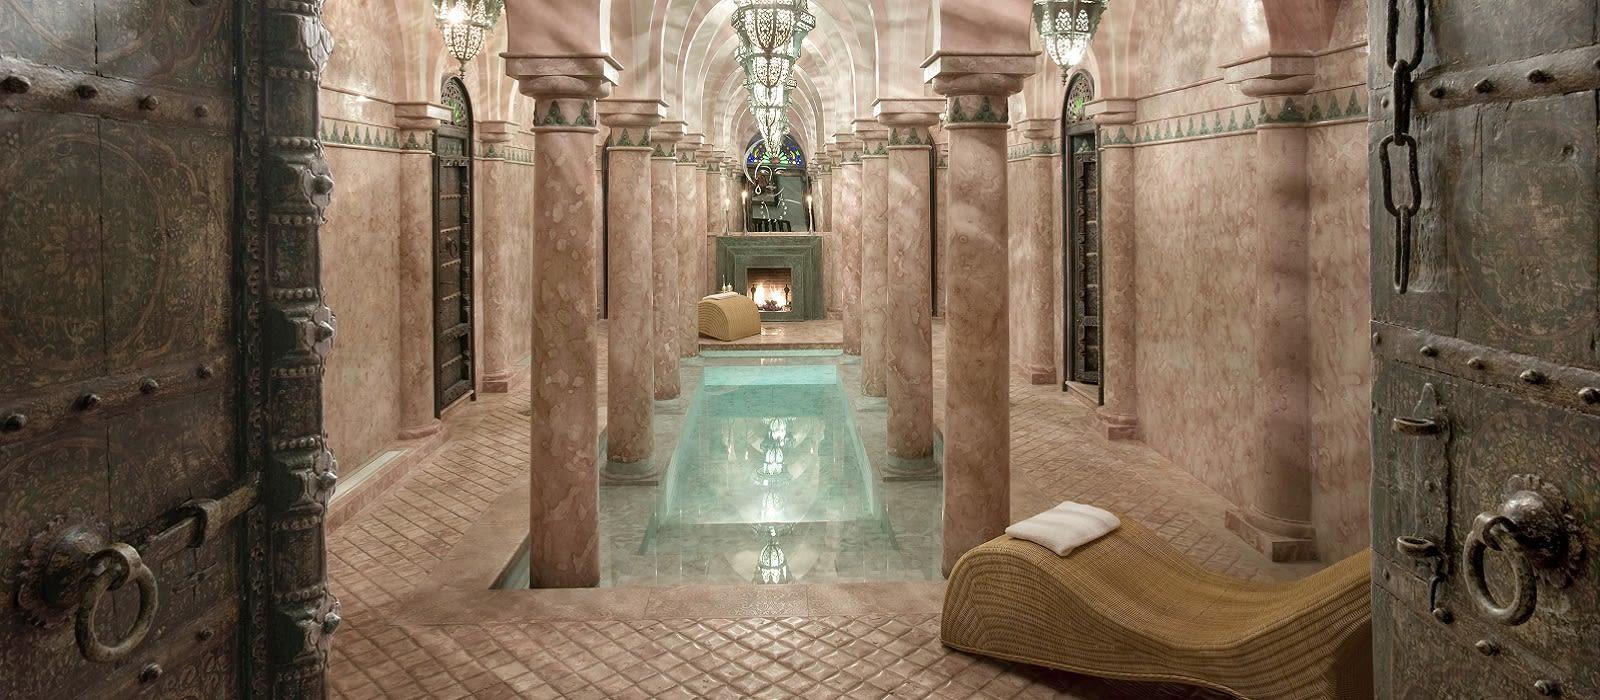 Hotel La Sultana Marrakech Morocco